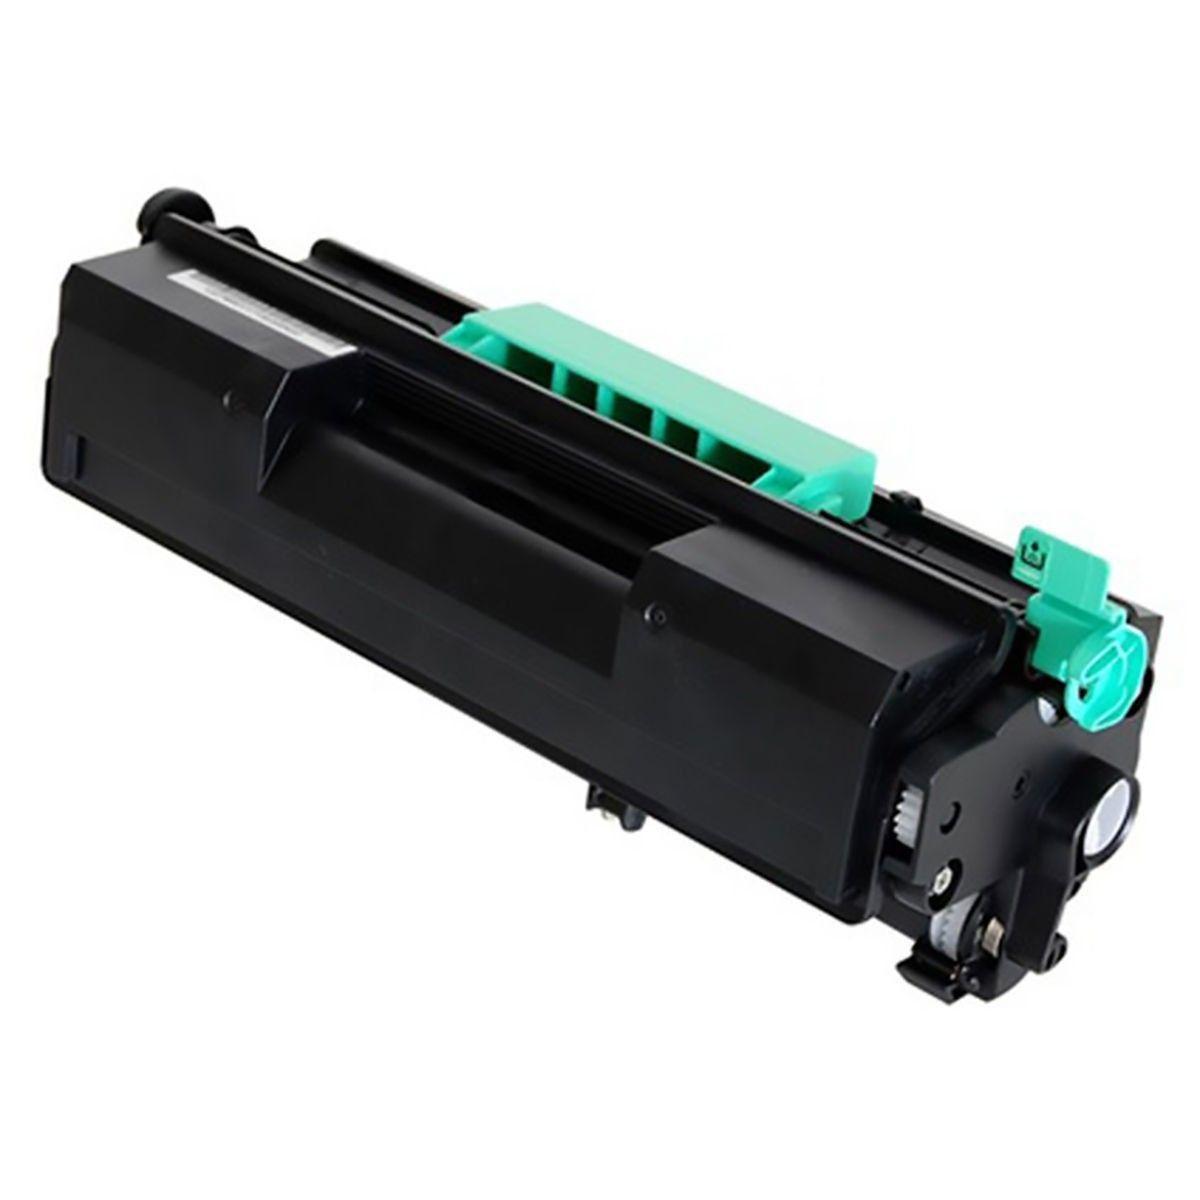 Compatível: Toner SP4500h para Ricoh Aficio SP-4500 SP-4510 SP-4510sf SP-4510dn SP-4520 SP4500 SP4510 / Preto / 12.000